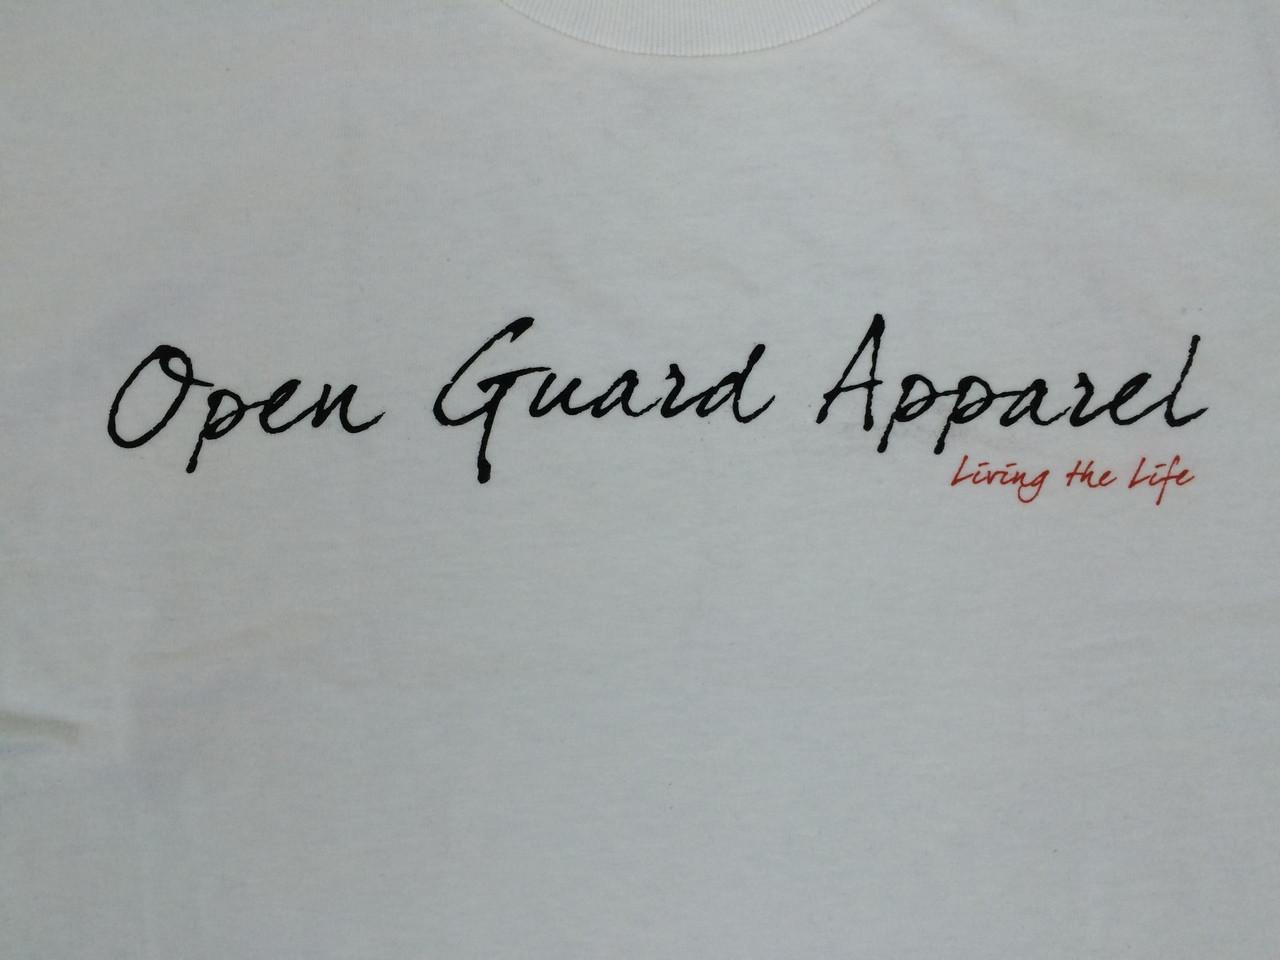 White open guard apparel Shaka Shirt Zoom in at www.thejiujitsushop.com